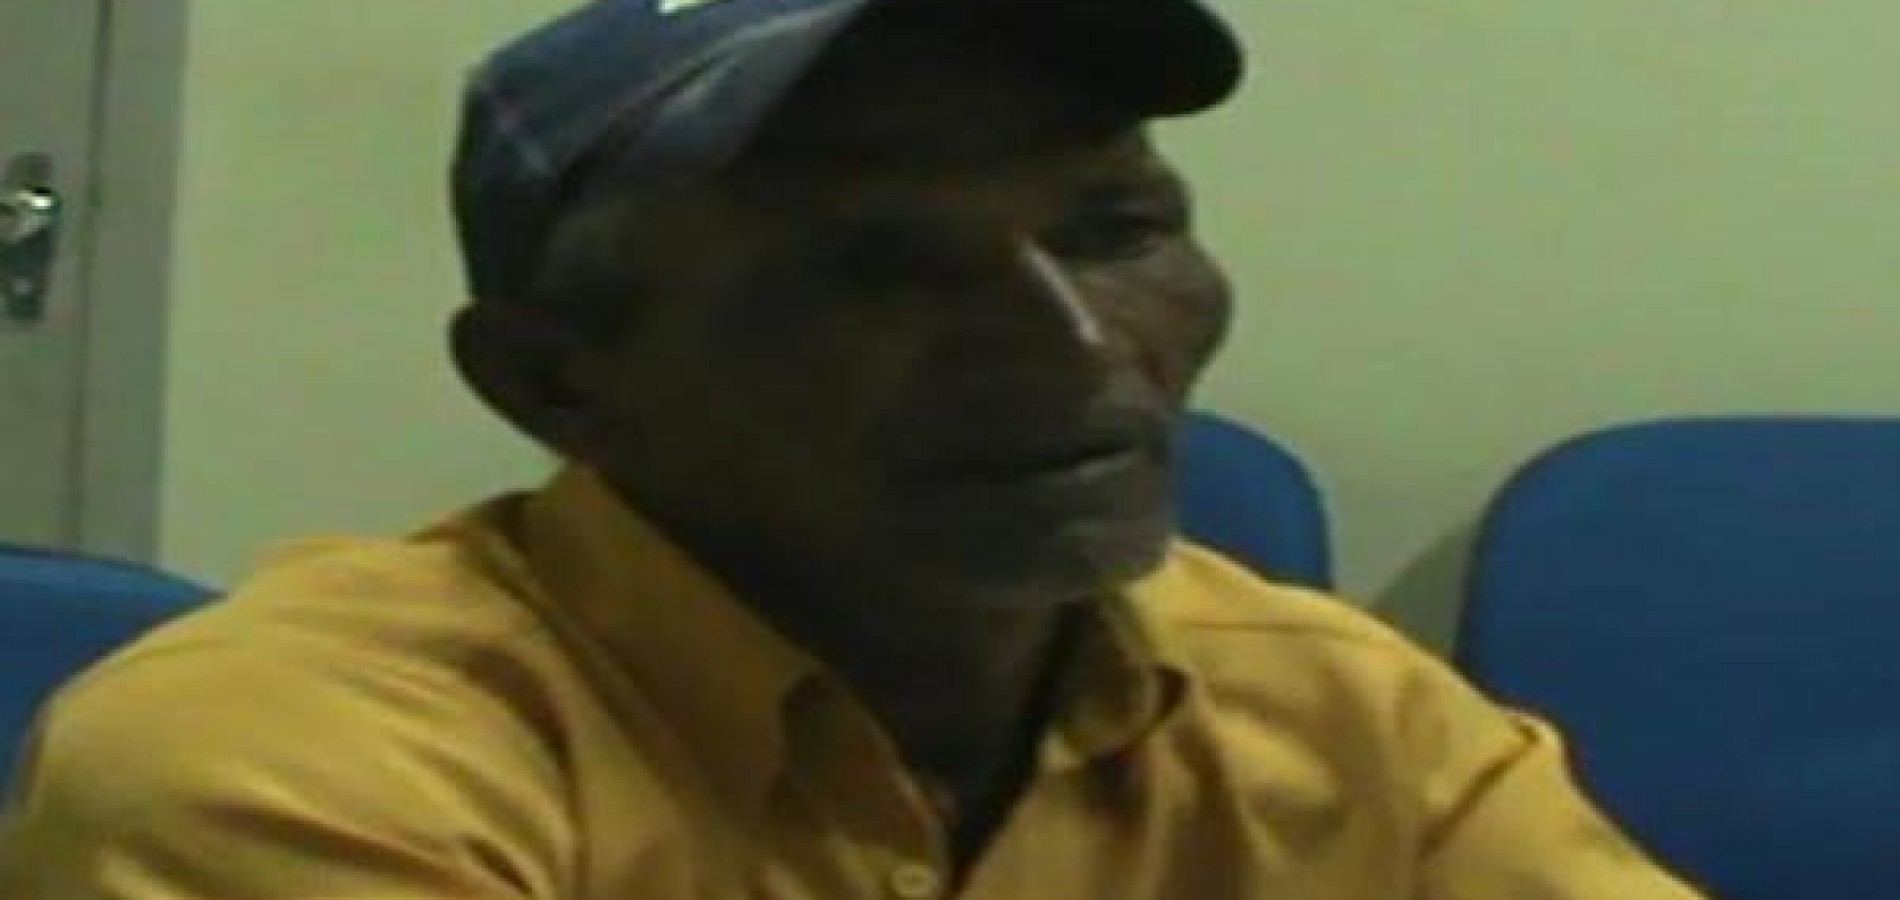 Oeiras |  Homem é preso suspeito de abusar de sobrinha de oito anos